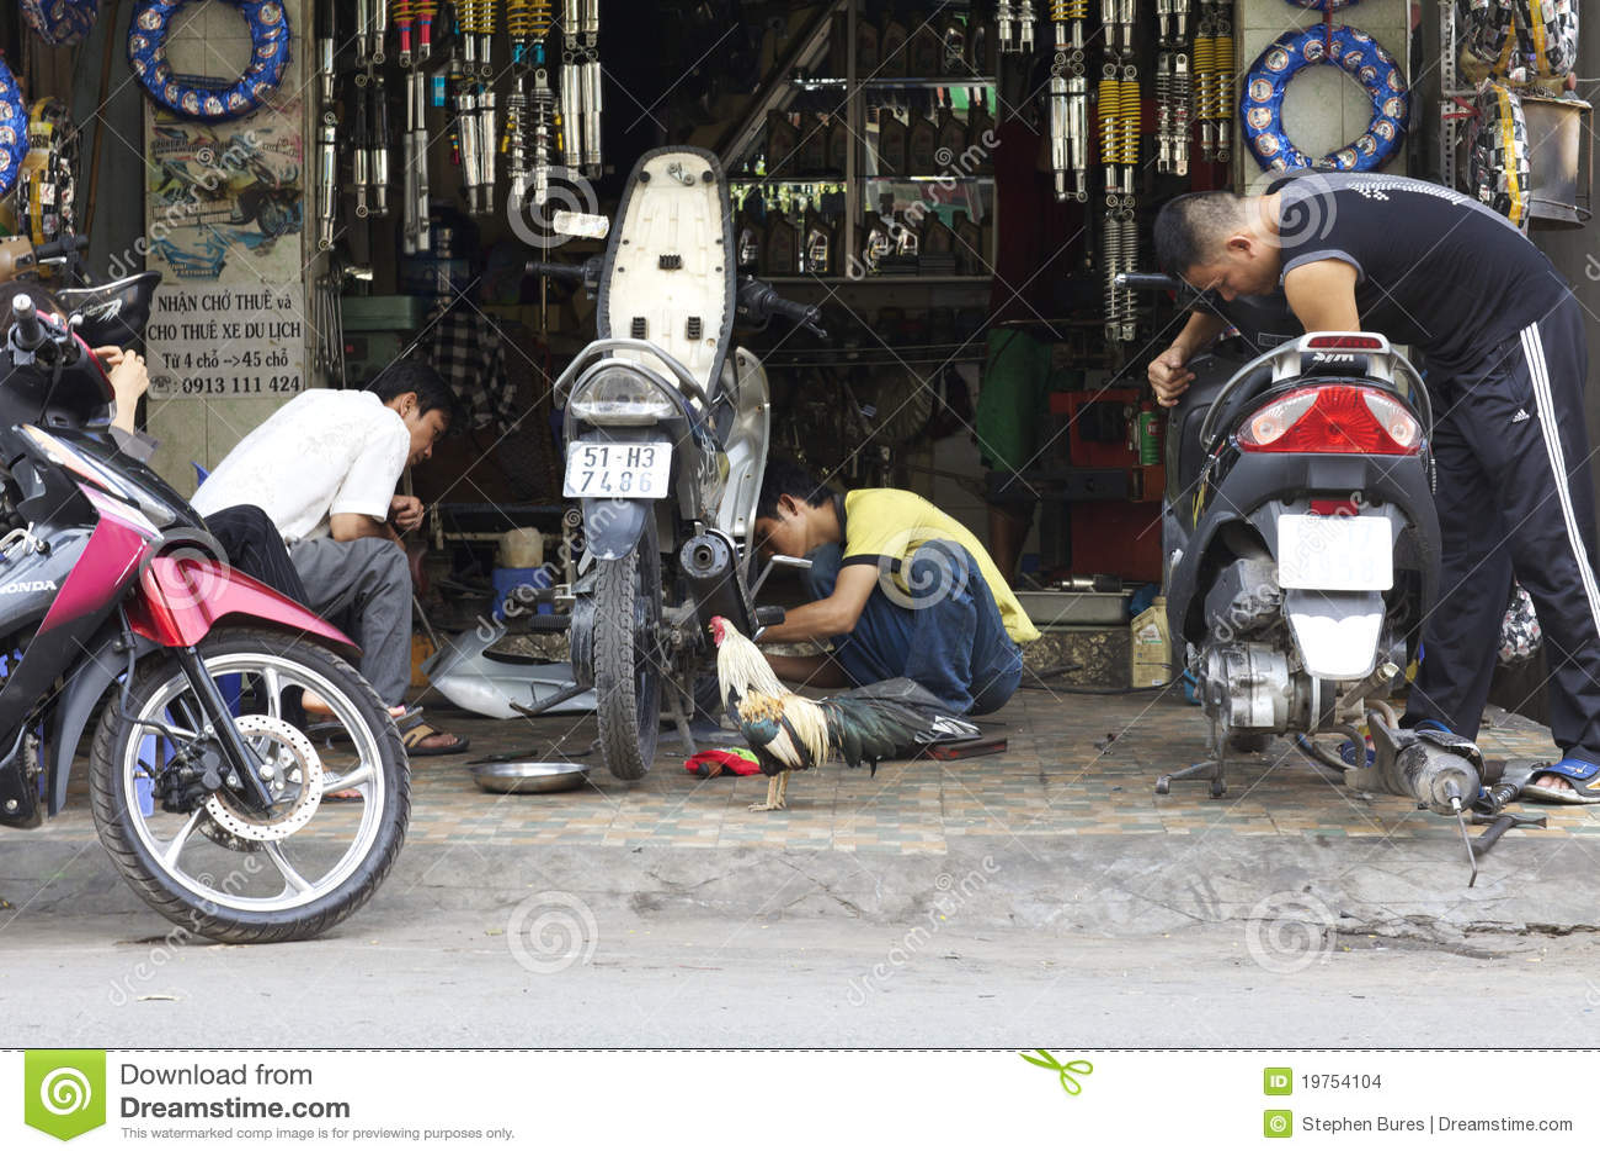 Vietnam Motor Bike Repair Editorial Stock Image Image